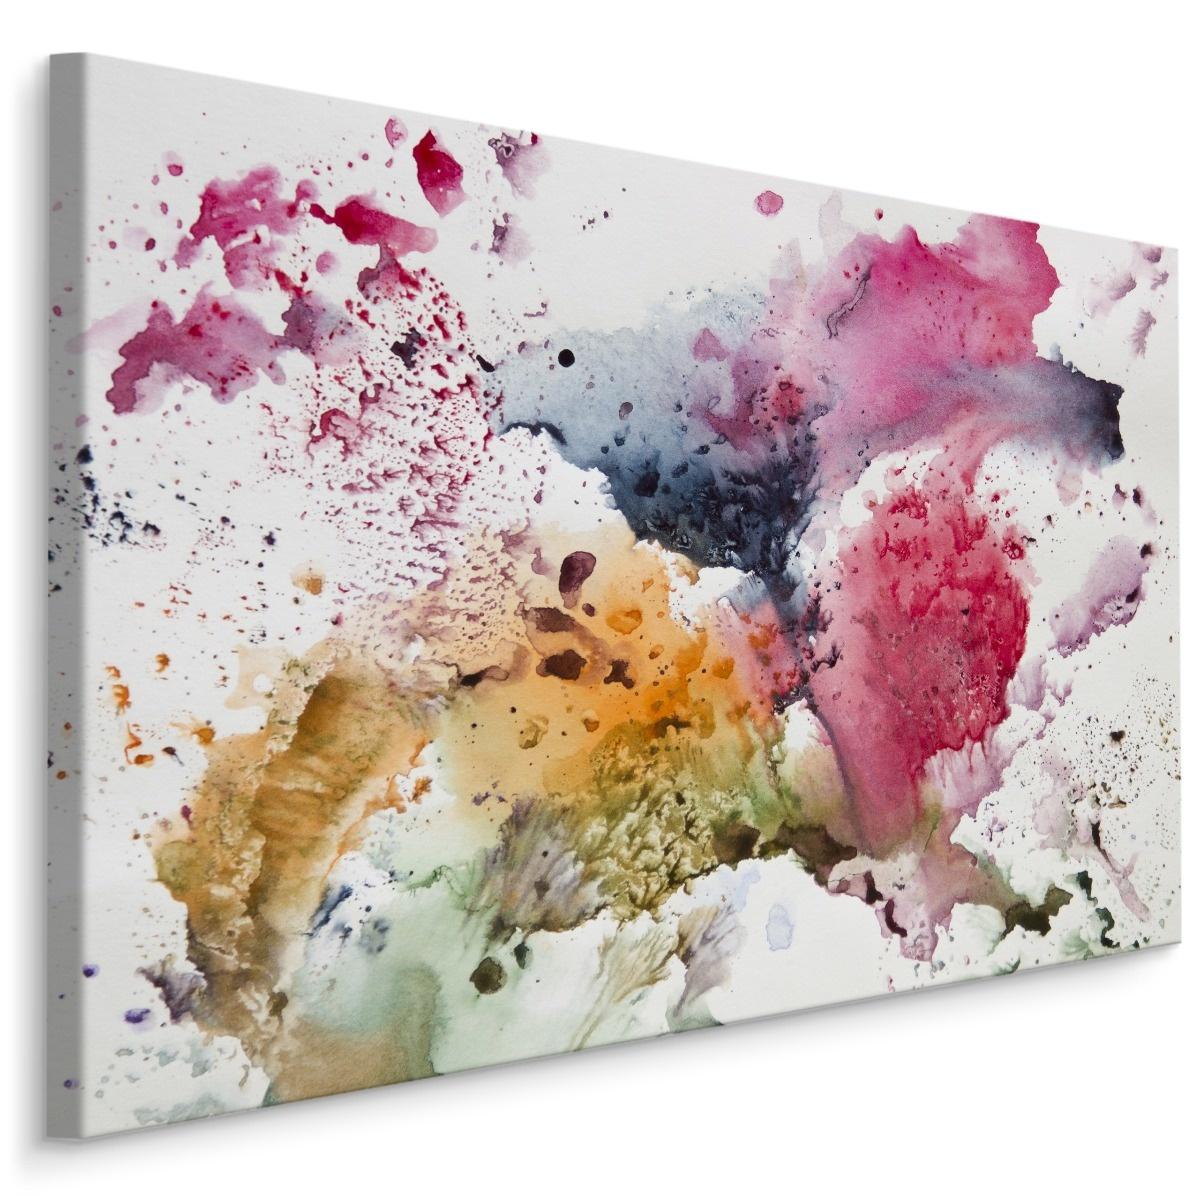 Schilderij -abstractie aquarel, 4 maten, hoge kwaliteit canvas scherp geprijsd -  1 luik - 90x60 cm